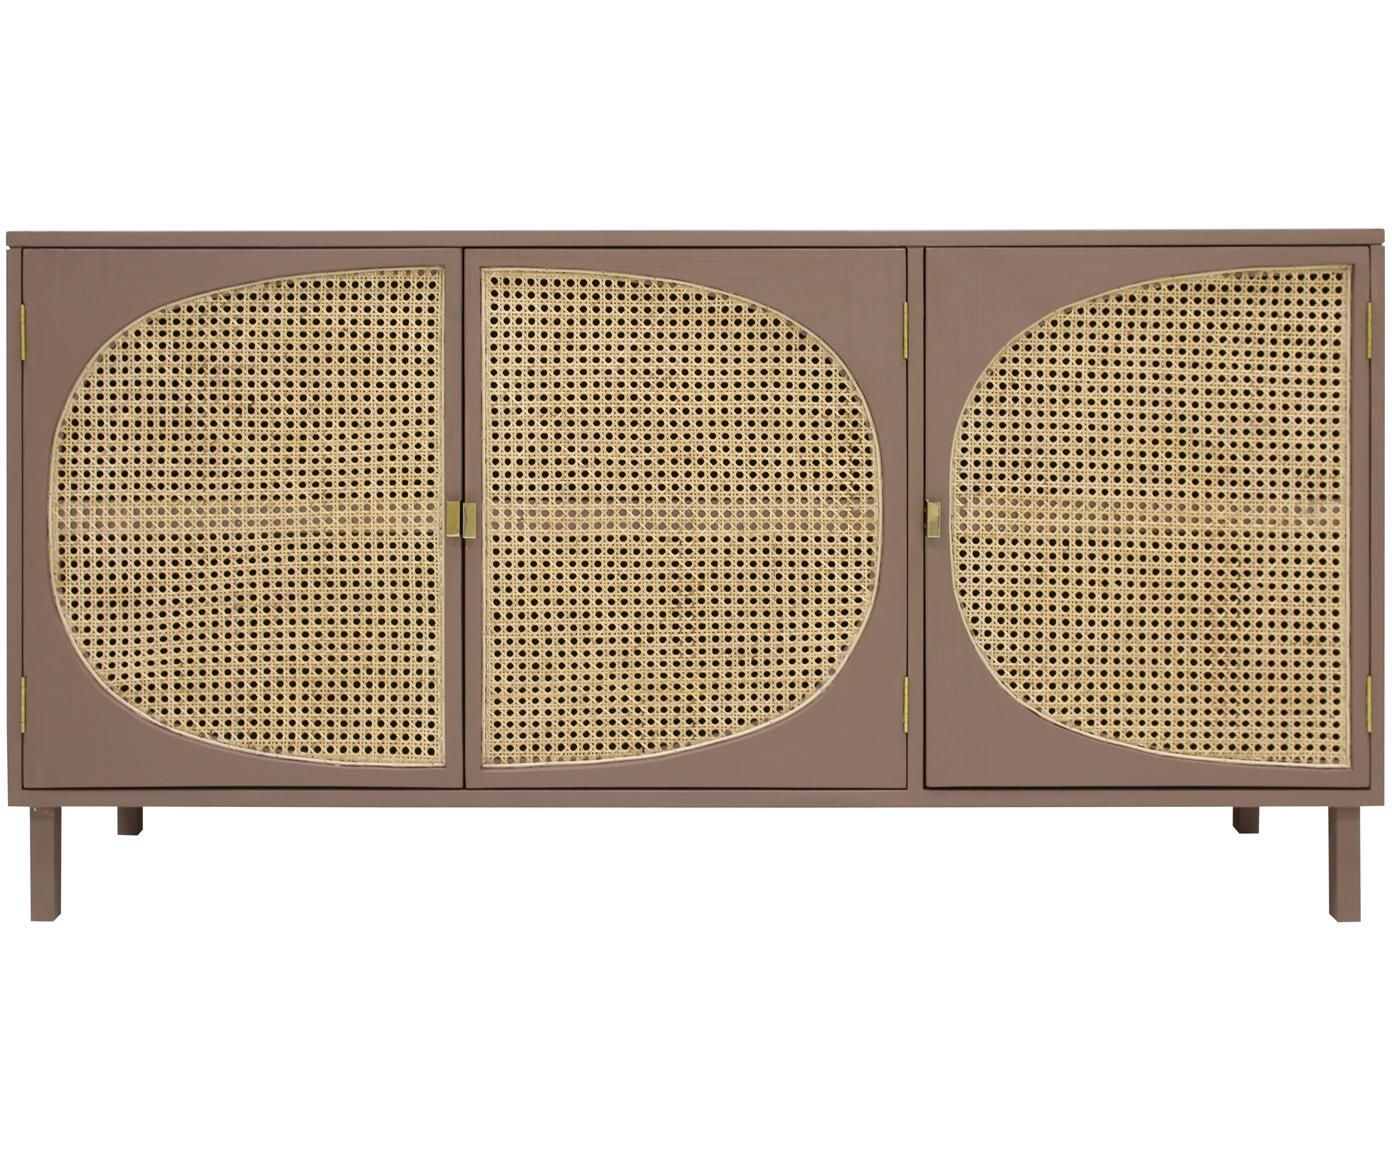 Dressoir Retro met Weens vlechtwerk, Handvatten: gecoat metaal, Bruin, beige, 160 x 81 cm